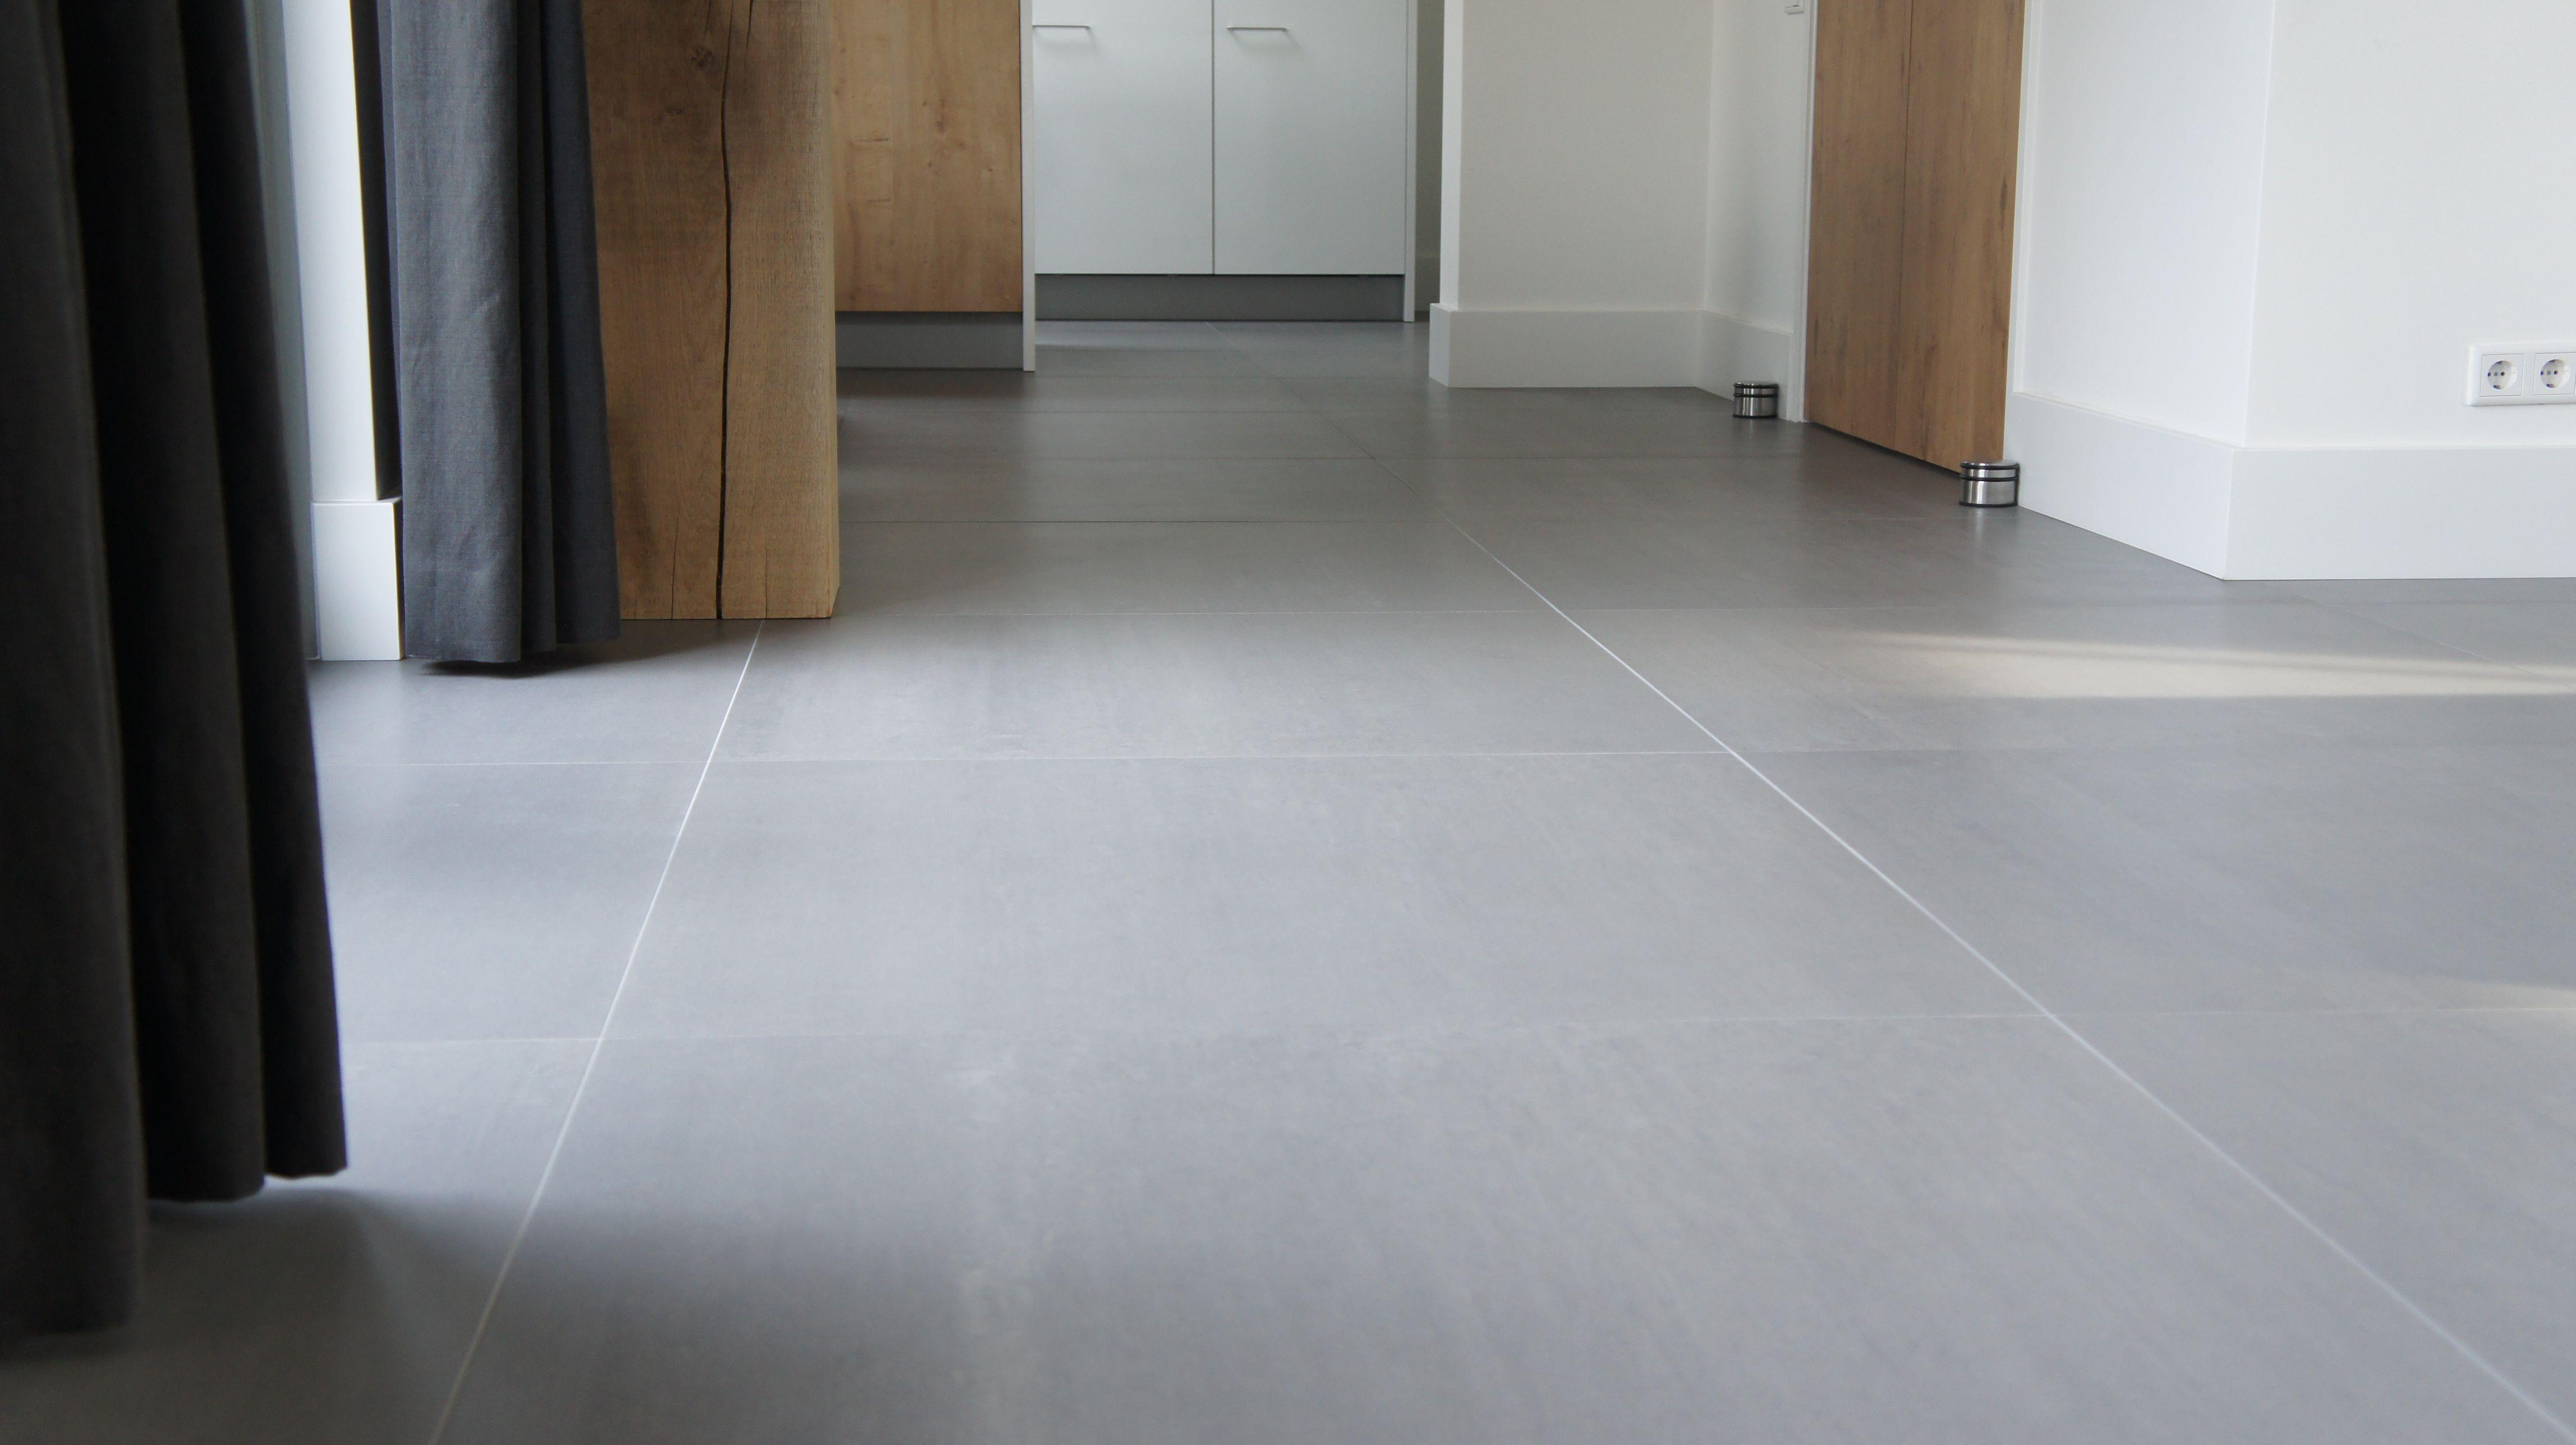 Vloertegels woonkamer grijs: vloeren vloer woonkamer wonen.